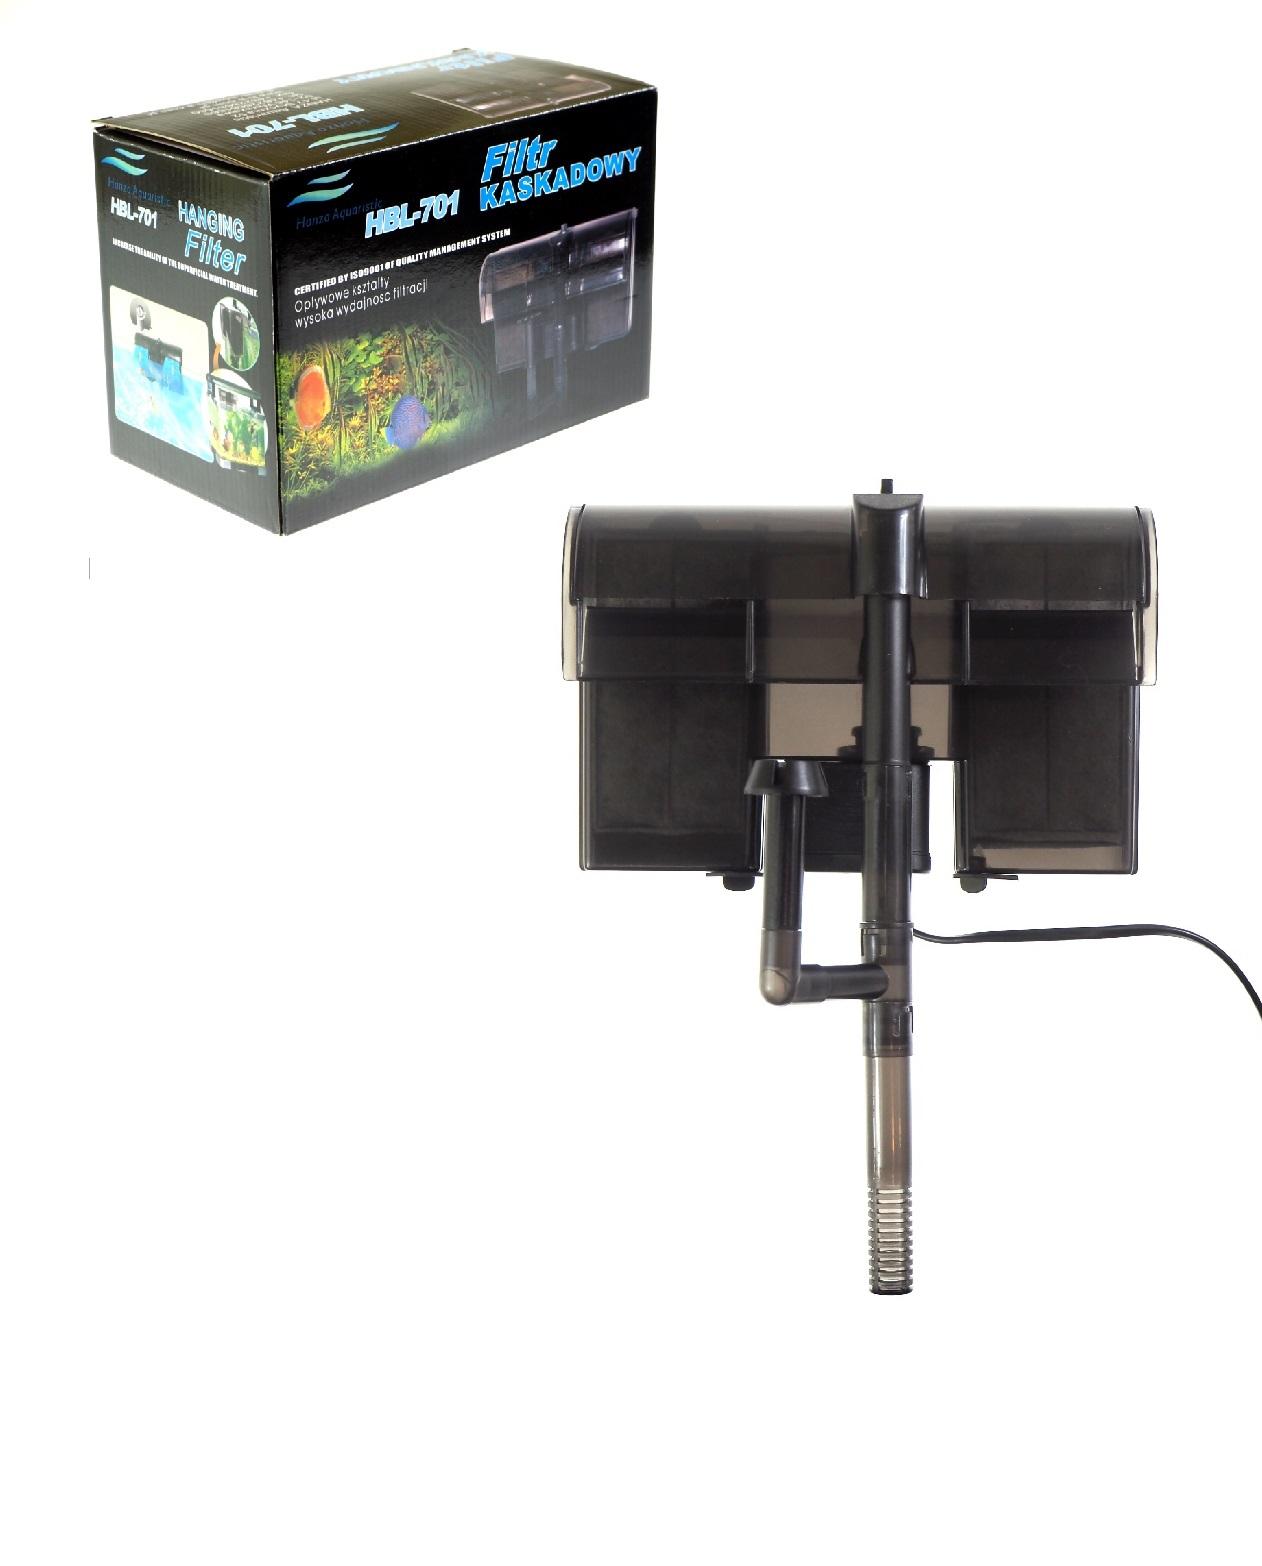 фильтр каскадный HBL-701 600 л/ч для 200л уголь 2ШТ